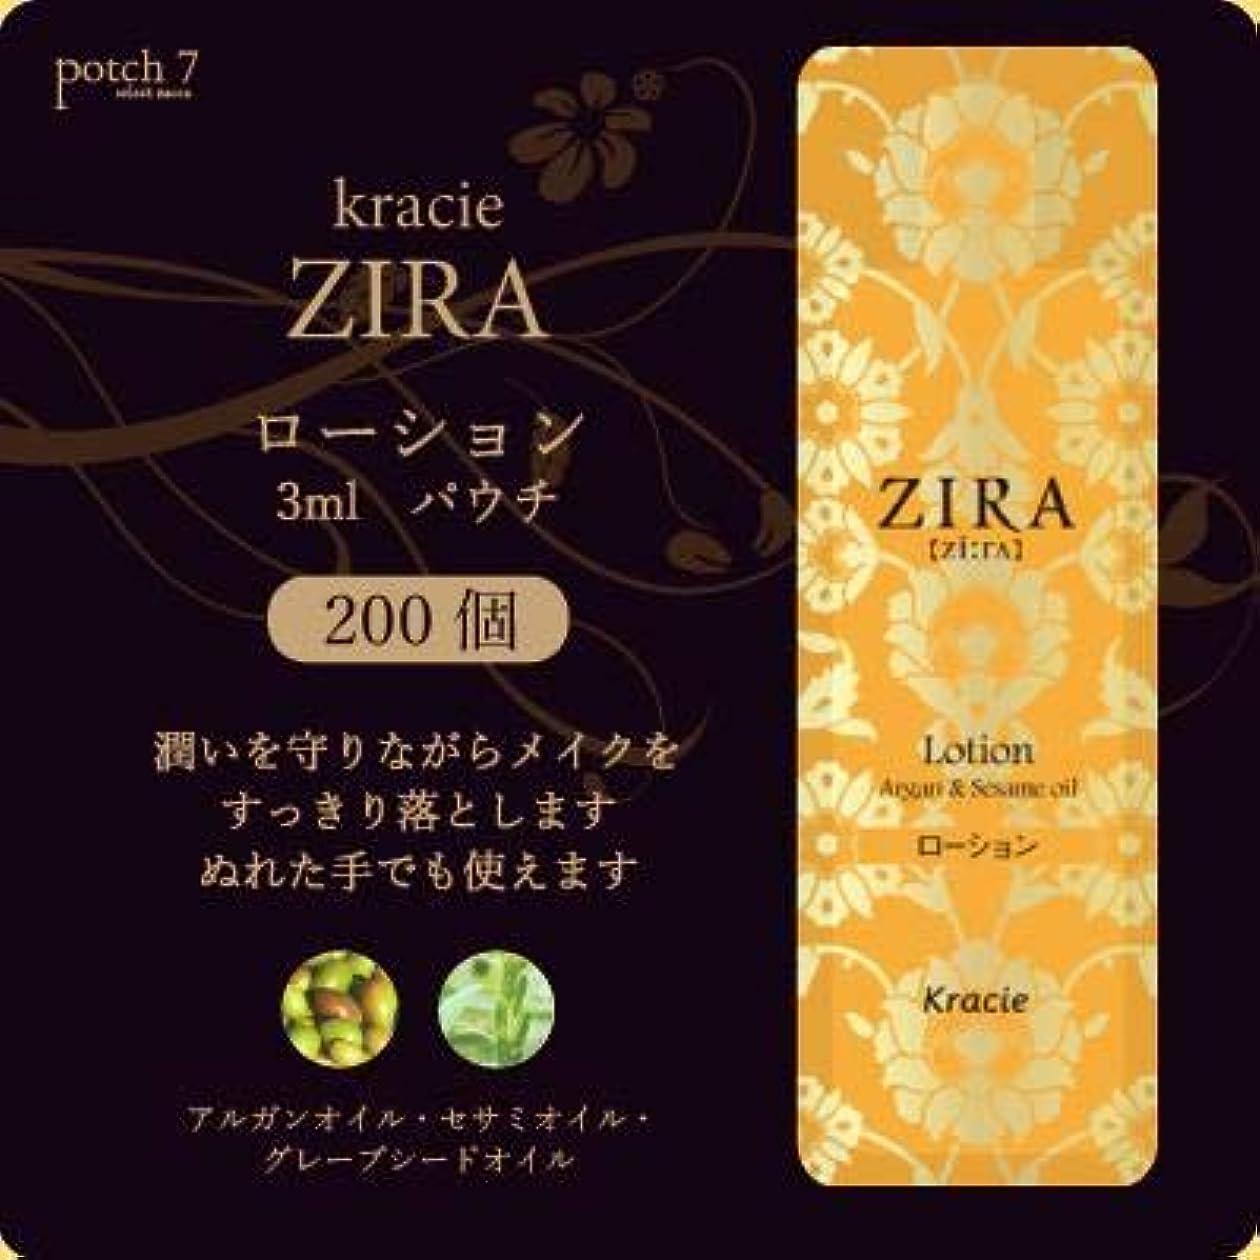 克服する合図煙Kracie クラシエ ZIRA ジーラ ローション 化粧水 パウチ 3ml 200個入